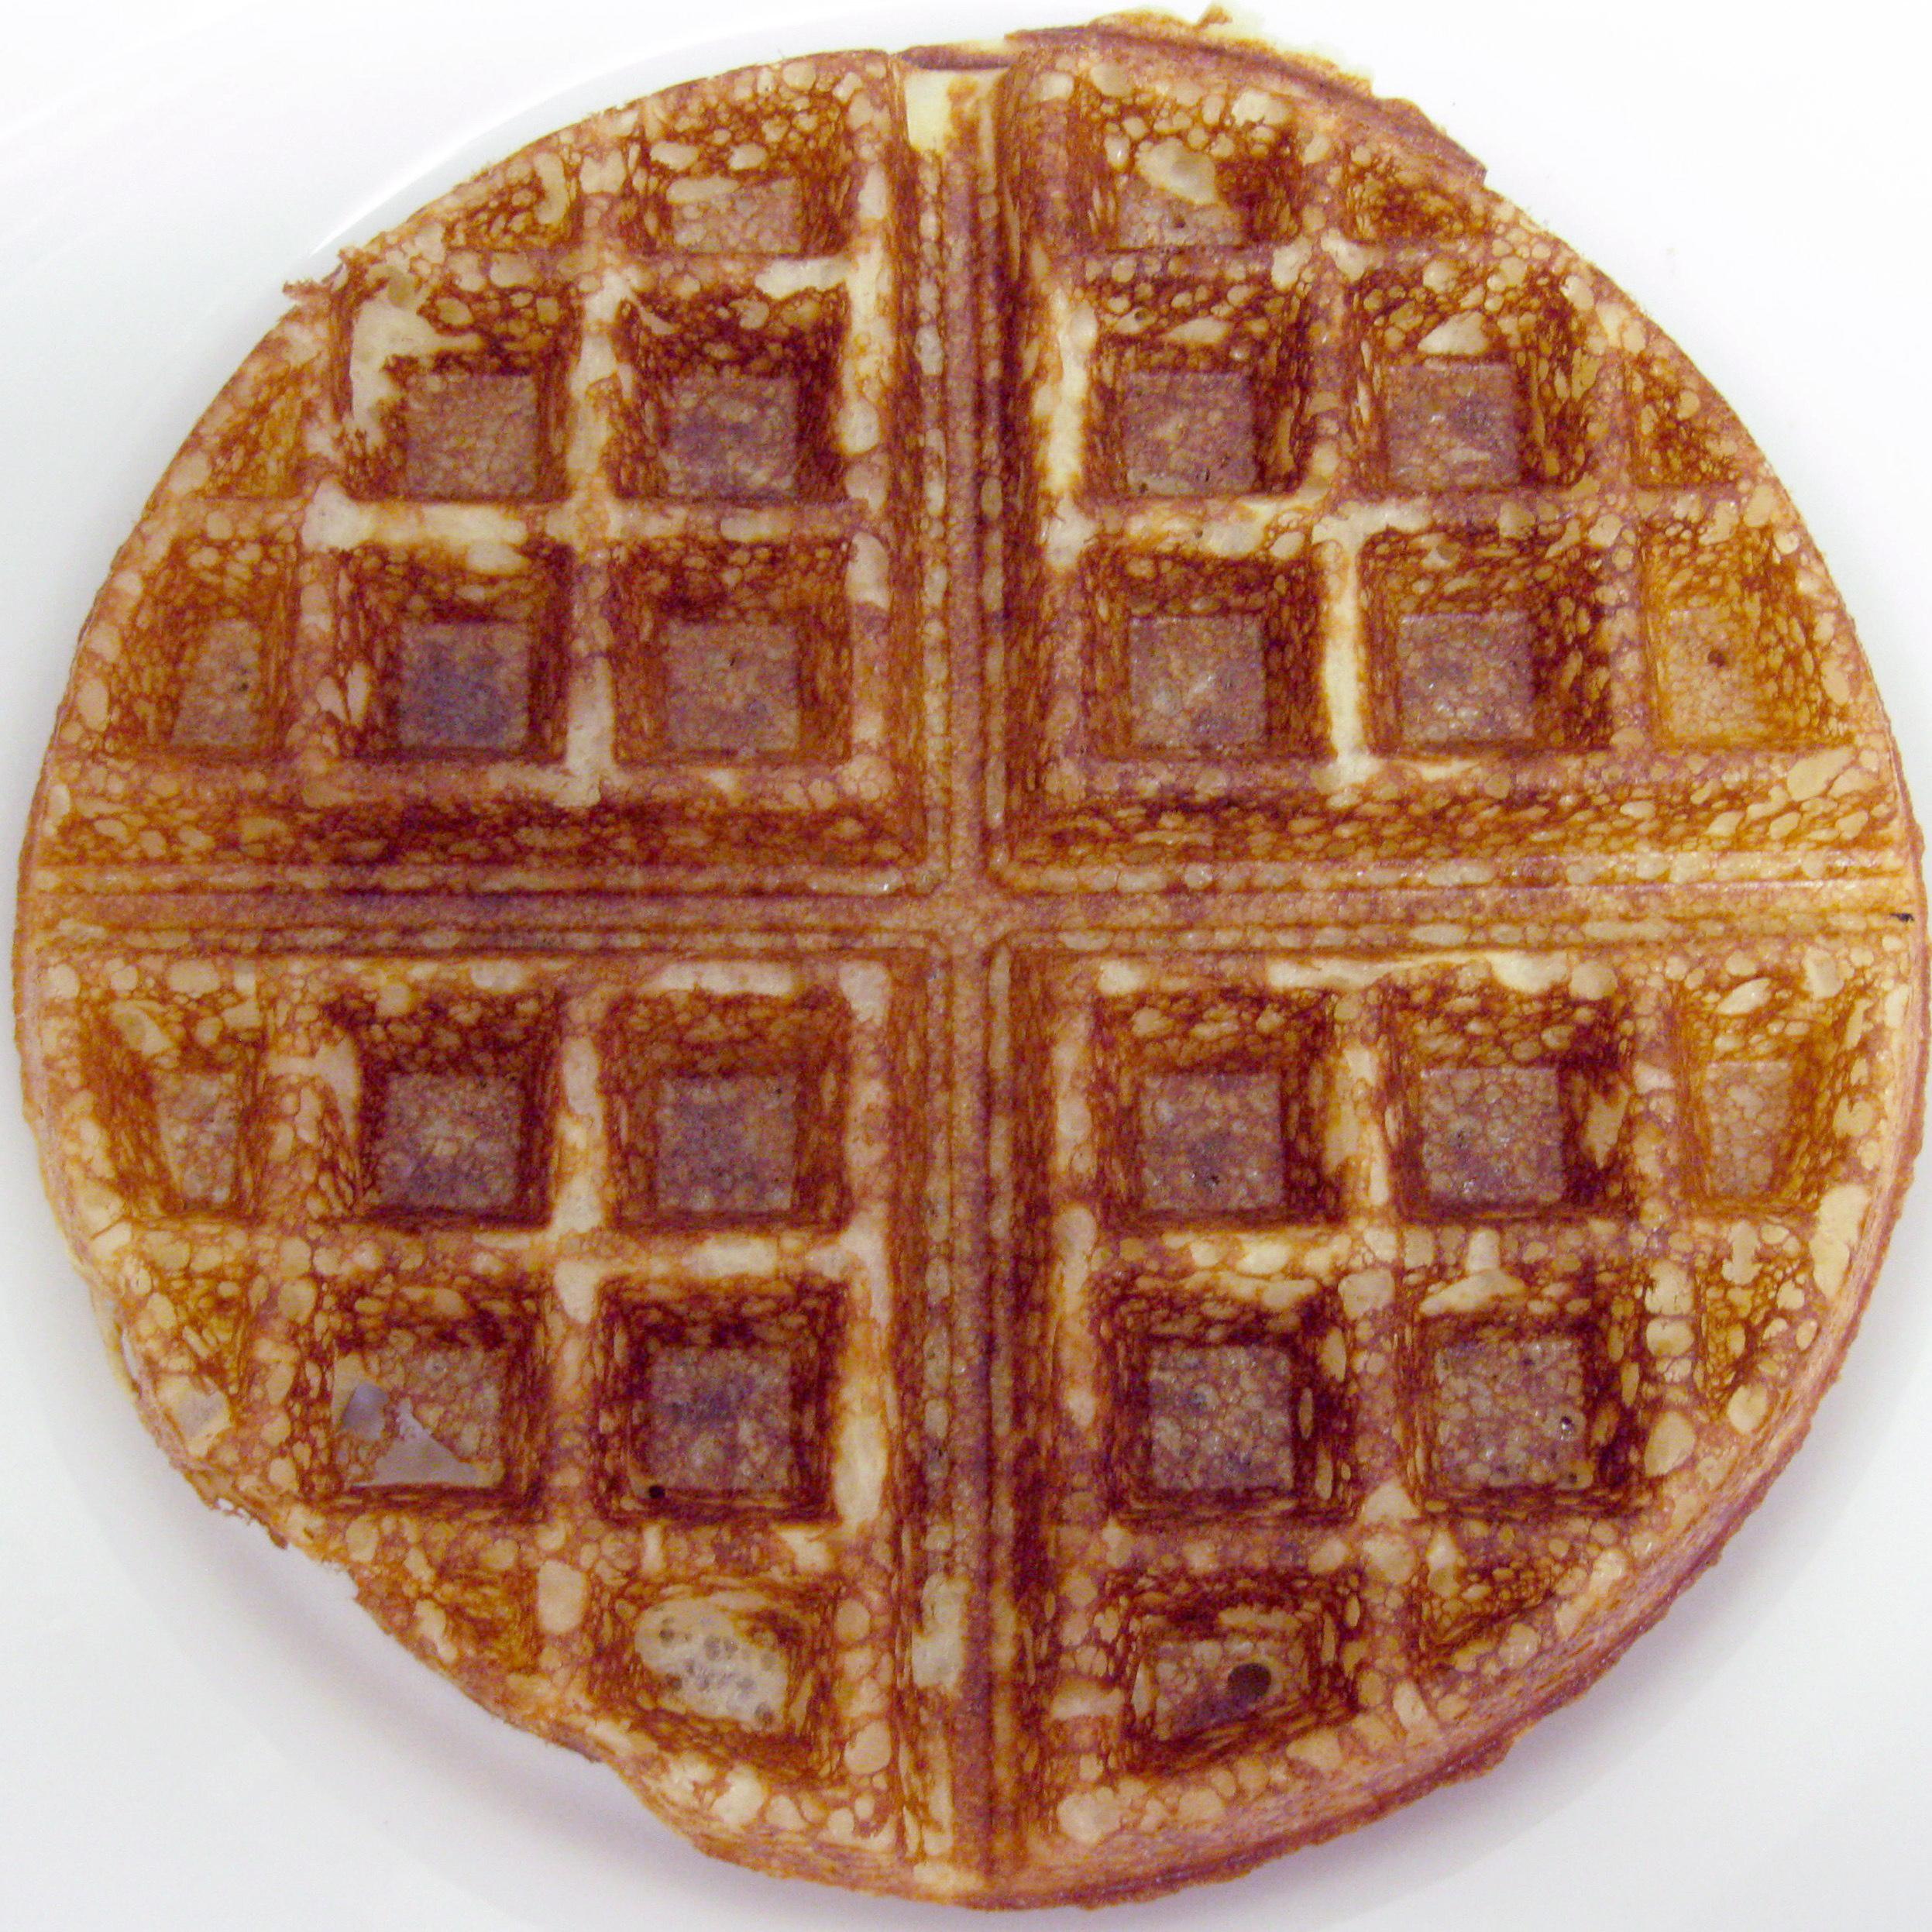 File:Bouchon Waffle 2 - Arnold Gatilao.jpg - Wikimedia Commons